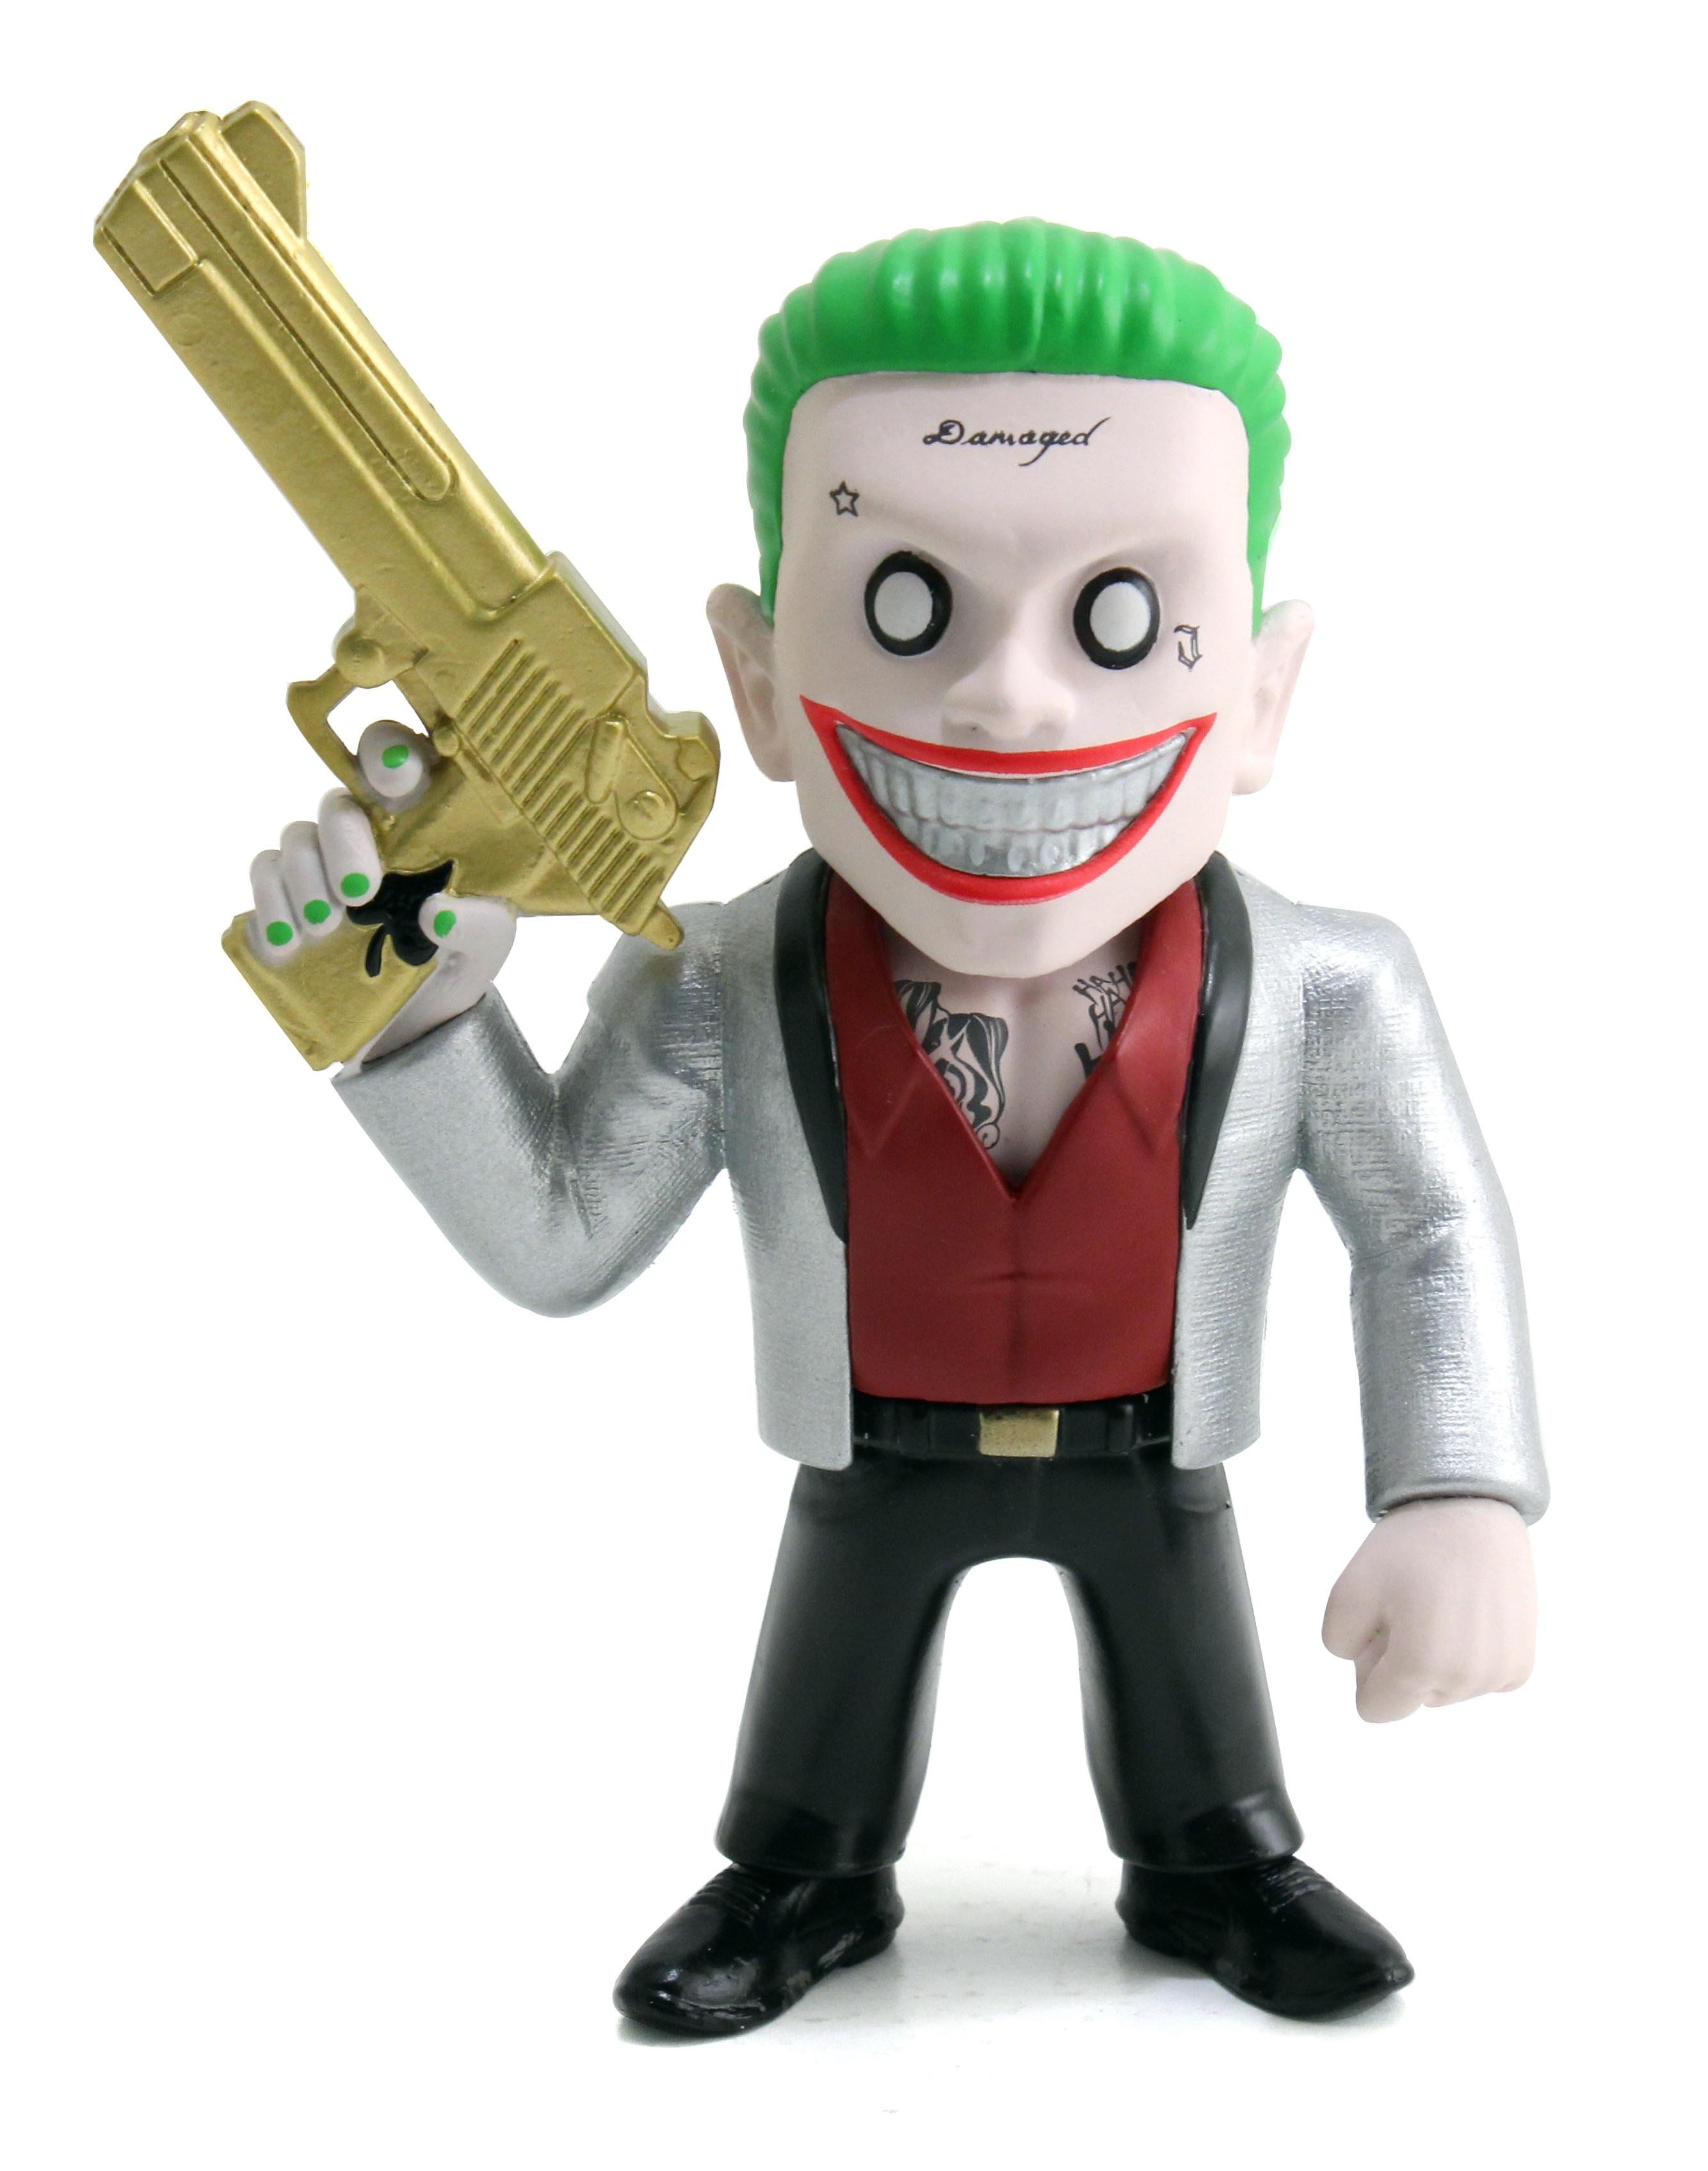 Коллекционная металлическая фигурка DC Comics: Джокер – Отряд Самоубийц – Suicide Squad Joker Boss (10 см)  коллекционная металлическая фигурка dc comics джокер – отряд самоубийц – suicide squad joker alternate version 6 см